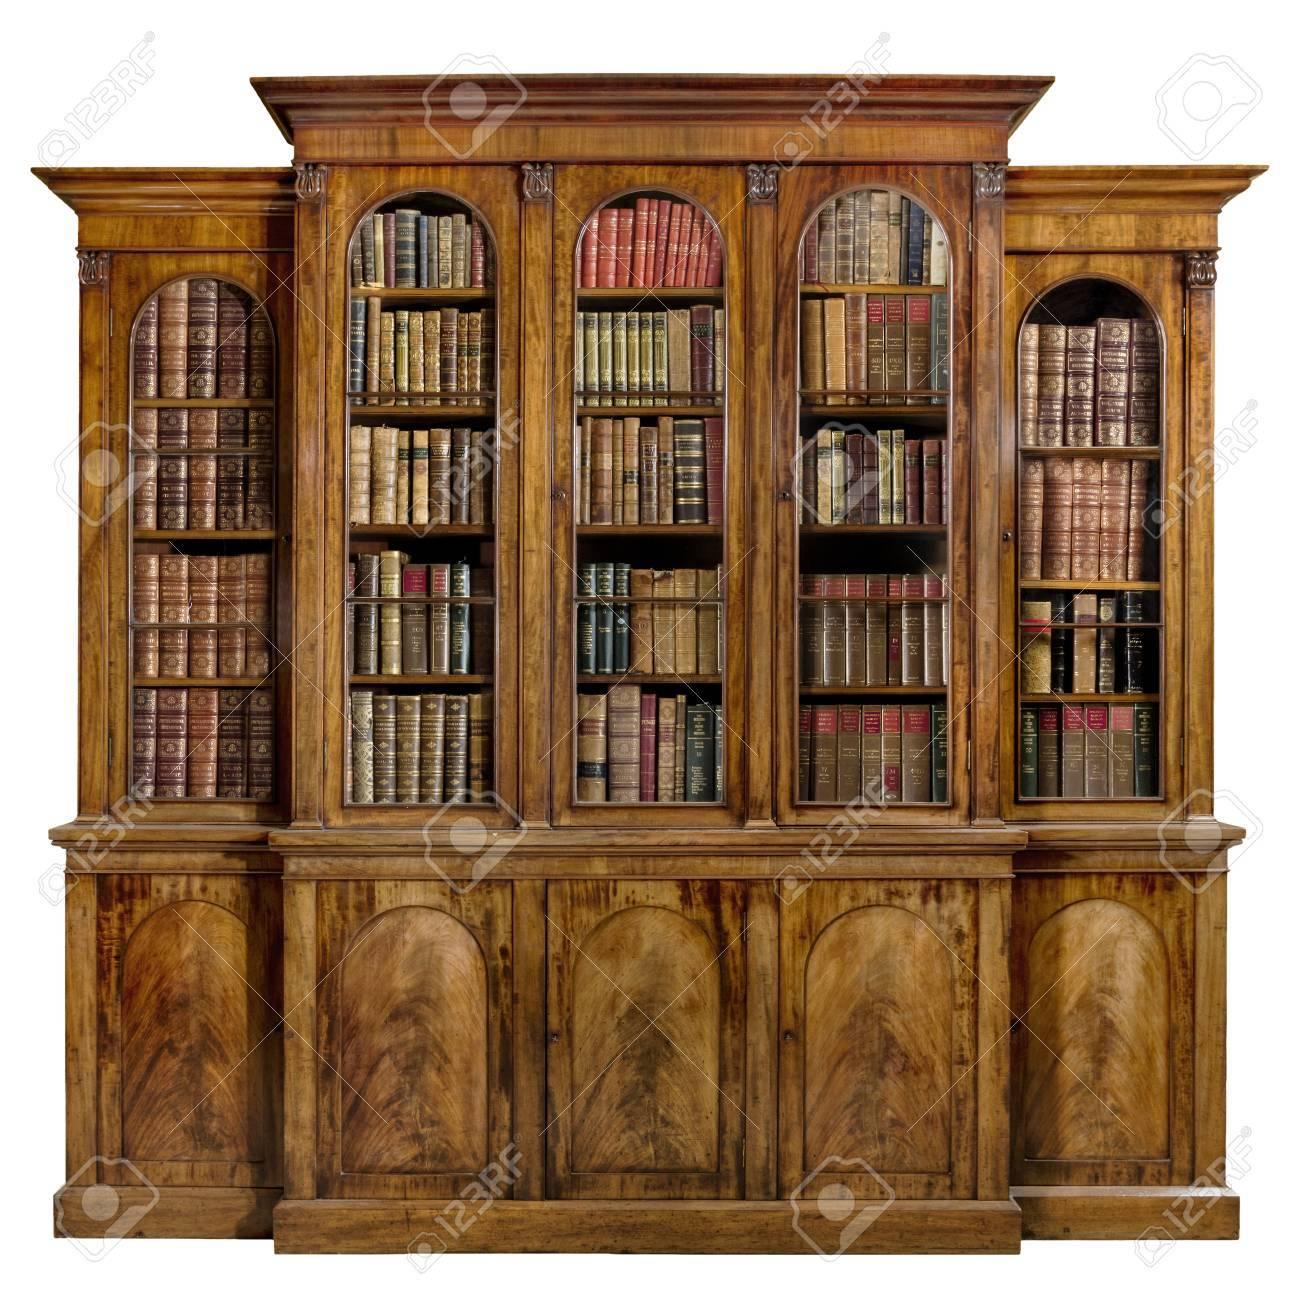 Antieke Boekenkast Mahonie.Oude Antieke Boekenkast Engels Mahonie Met Boeken Geisoleerd Op Wit